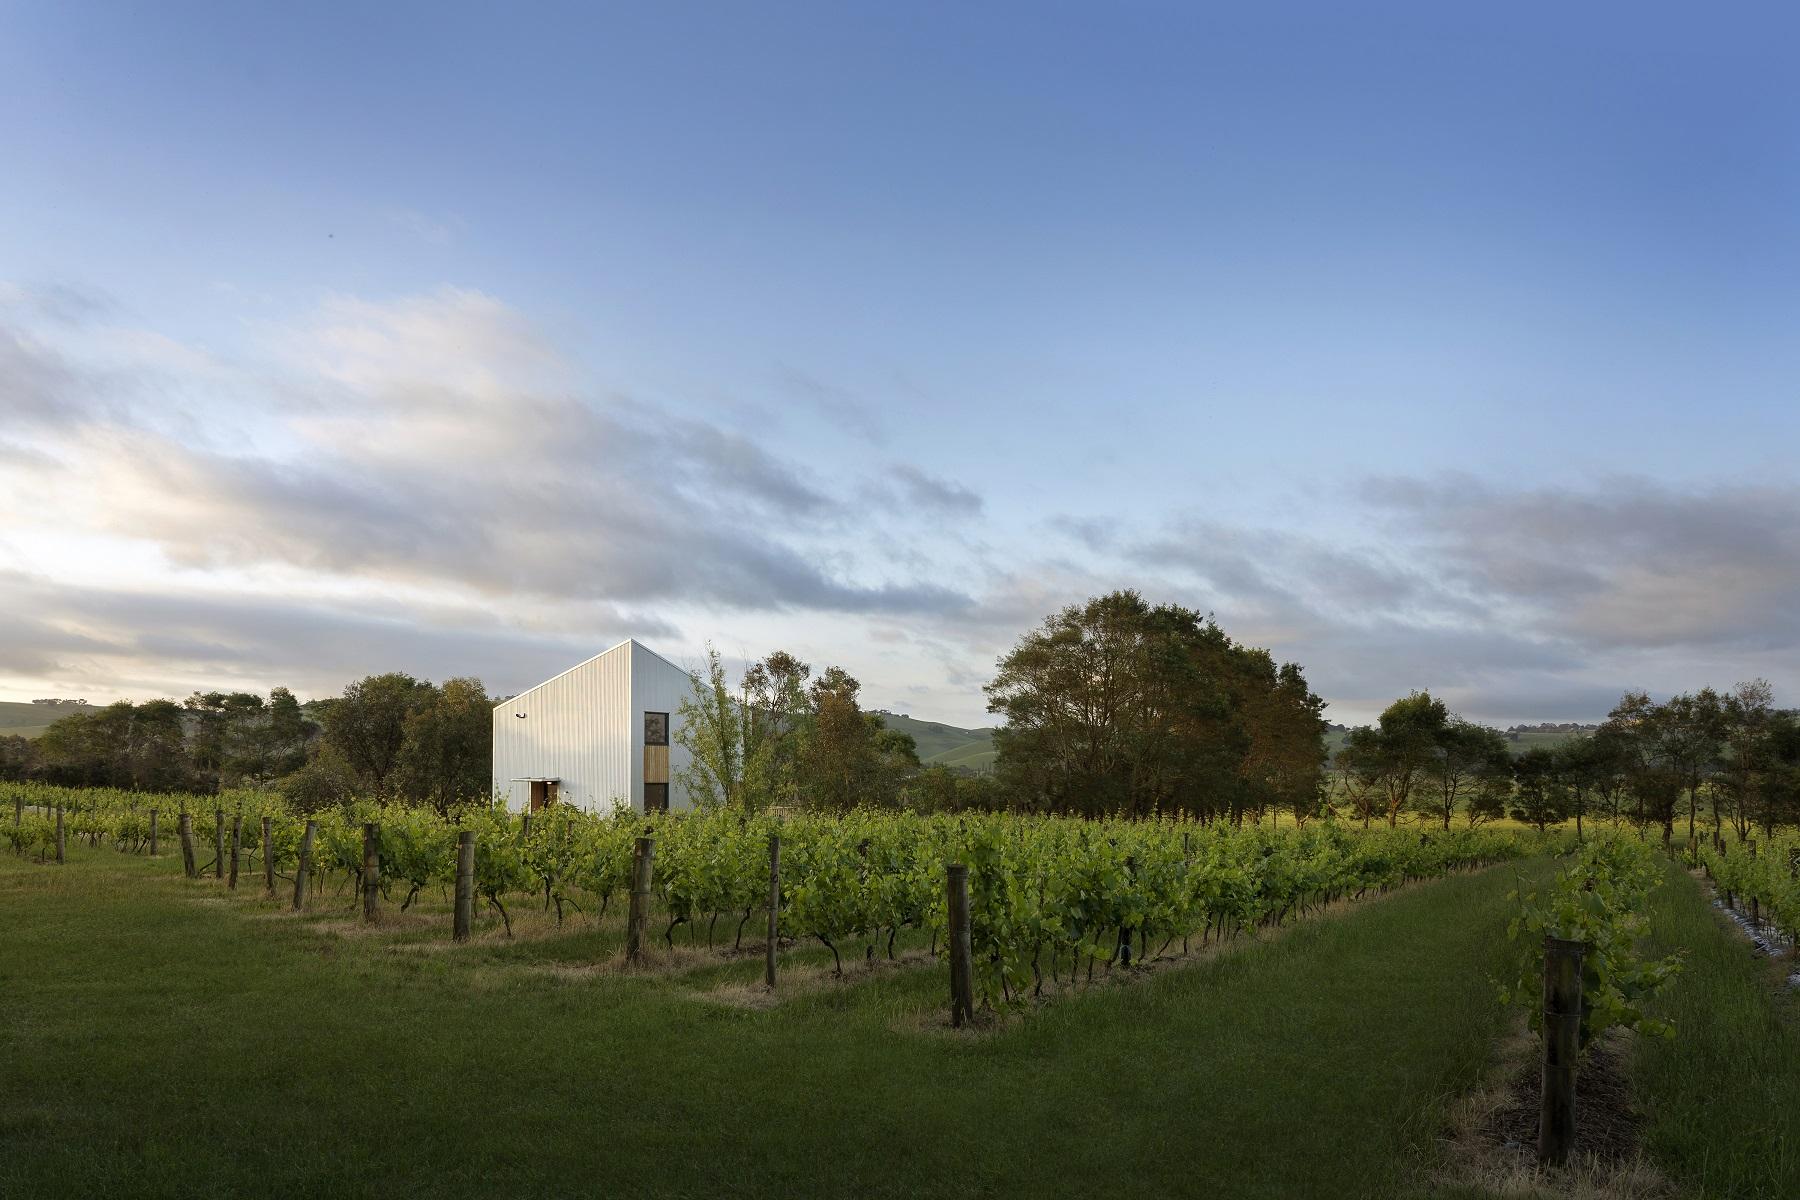 passive+house+passivhaus+biodynamic+vineyard